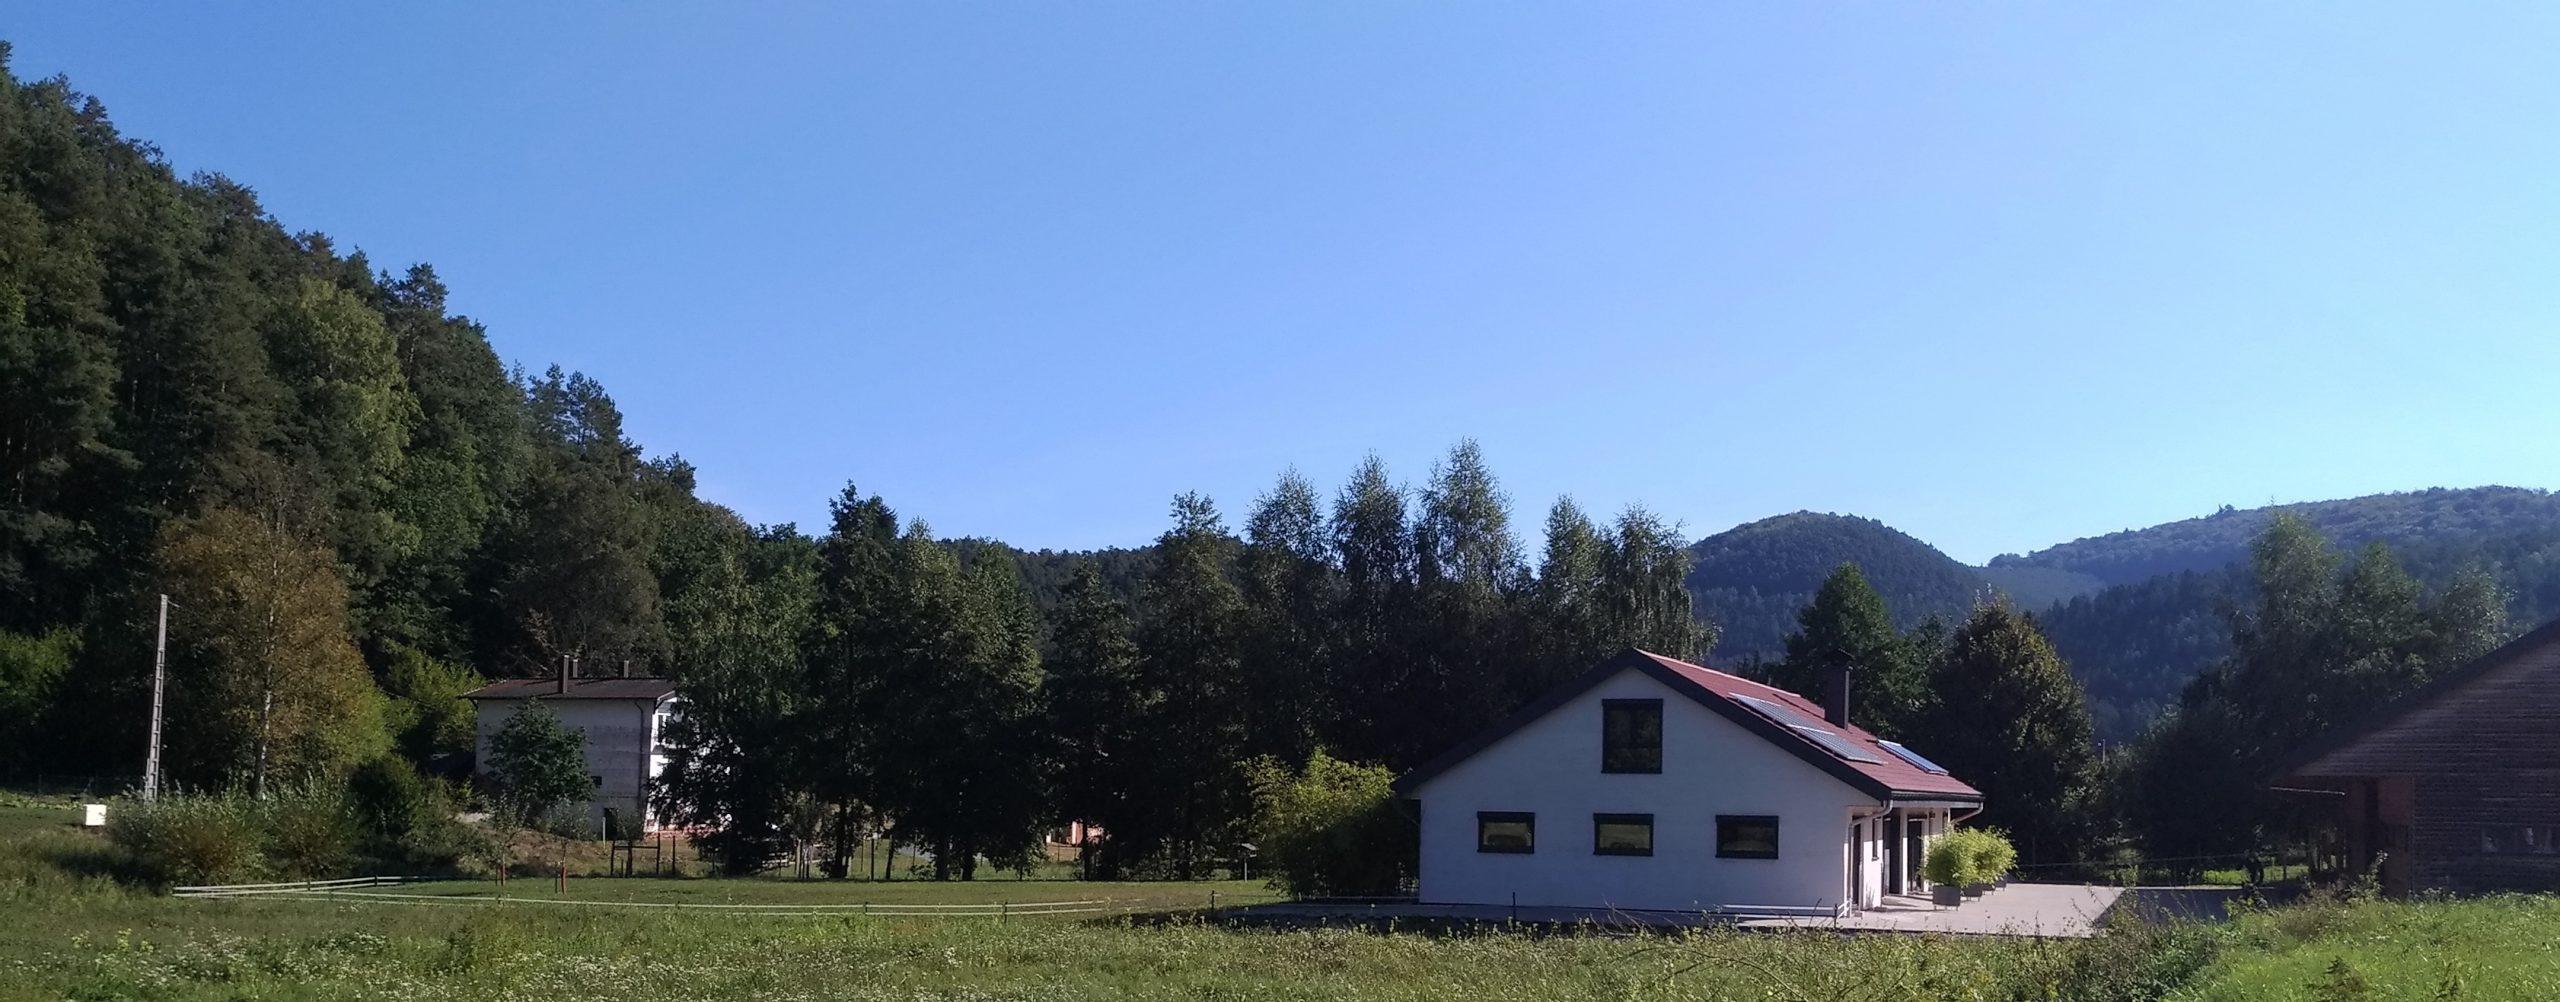 Praticienne SHIATSU à Philippsbpourg (57) entre Niederbronn- les- Bains (67) et Bitche (57), proche d'Haguenau (67).